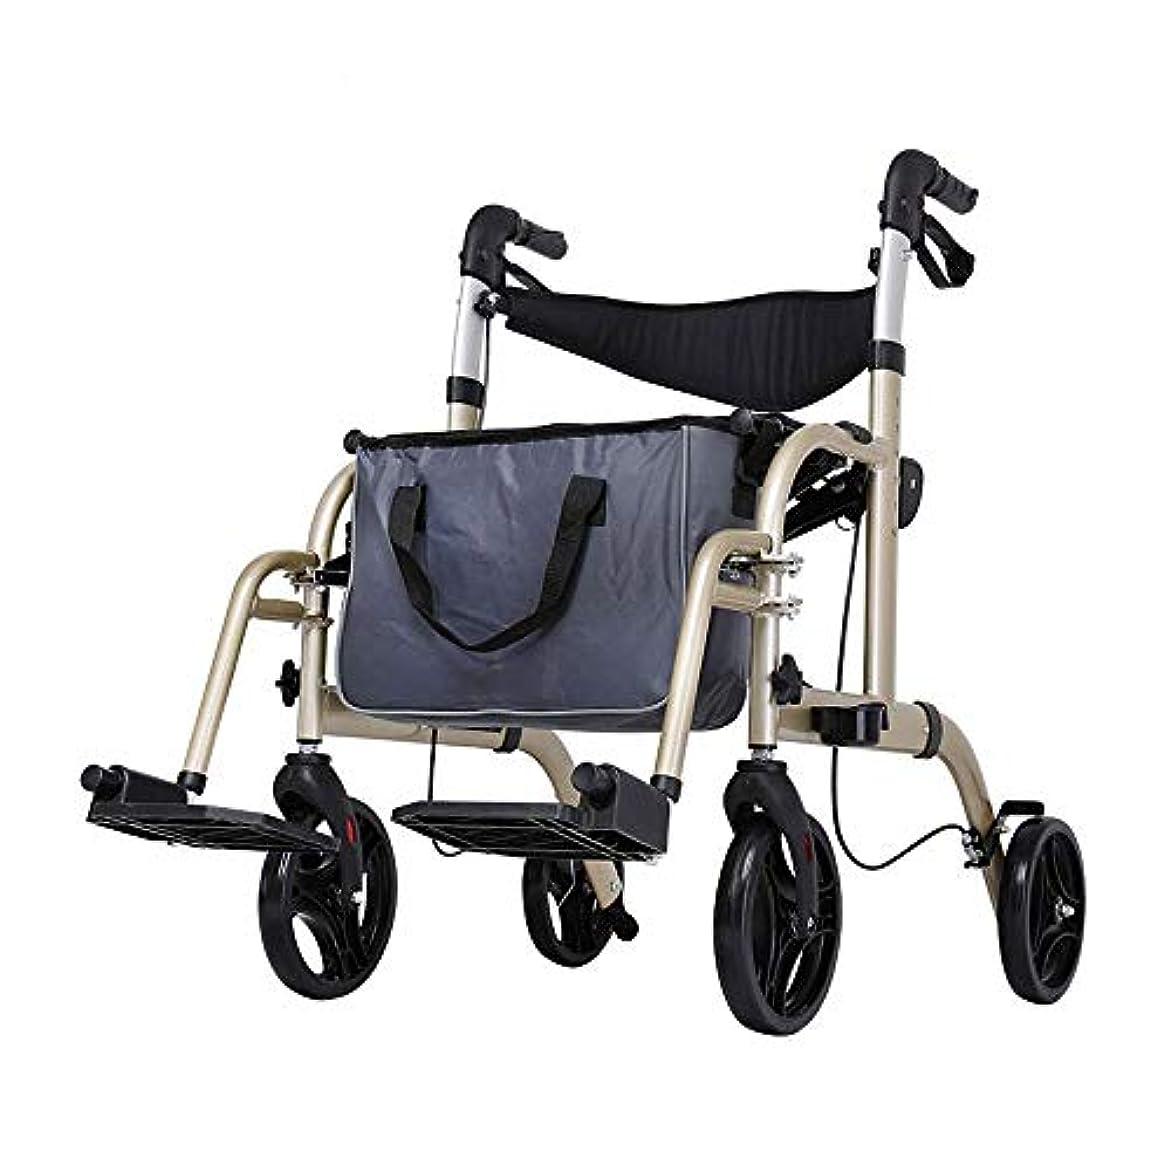 疑問を超えてジュース教義ウォーカー、シンプルな車いす、アルミニウム合金古い車のスクーター古い車輪と席のショッピングカート アシストウォーキング (色 : B)